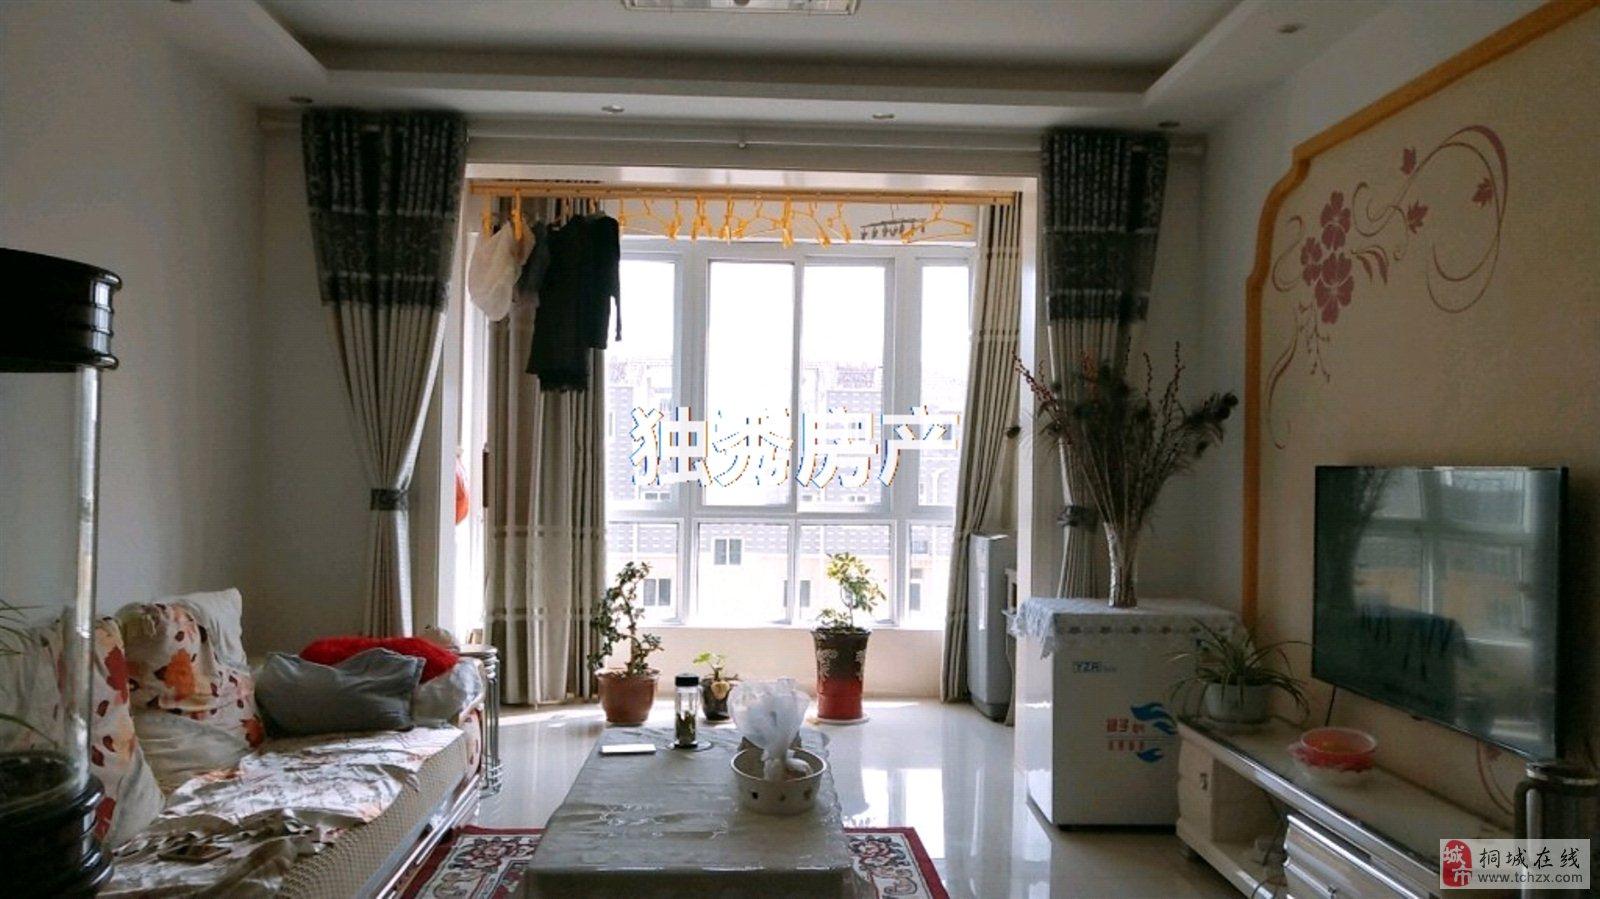 龙腾锦绣城精装两室中间楼层两室朝南73.8万元